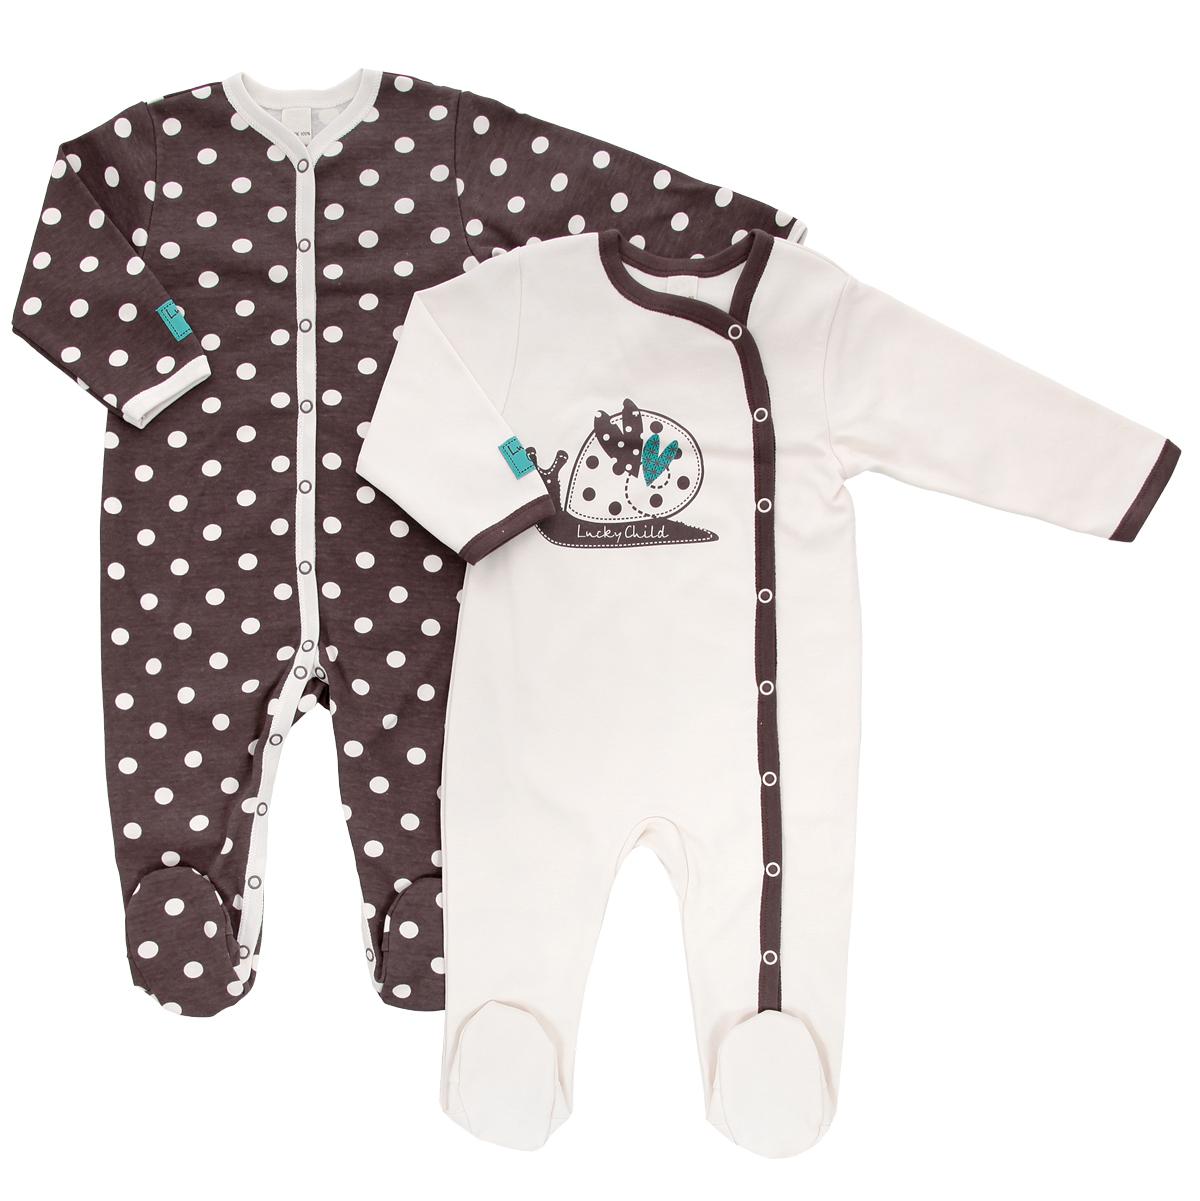 Комбинезон детский Lucky Child Улитки, цвет: светло-бежевый, коричневый, 2 шт. 30-131. Размер 74/80